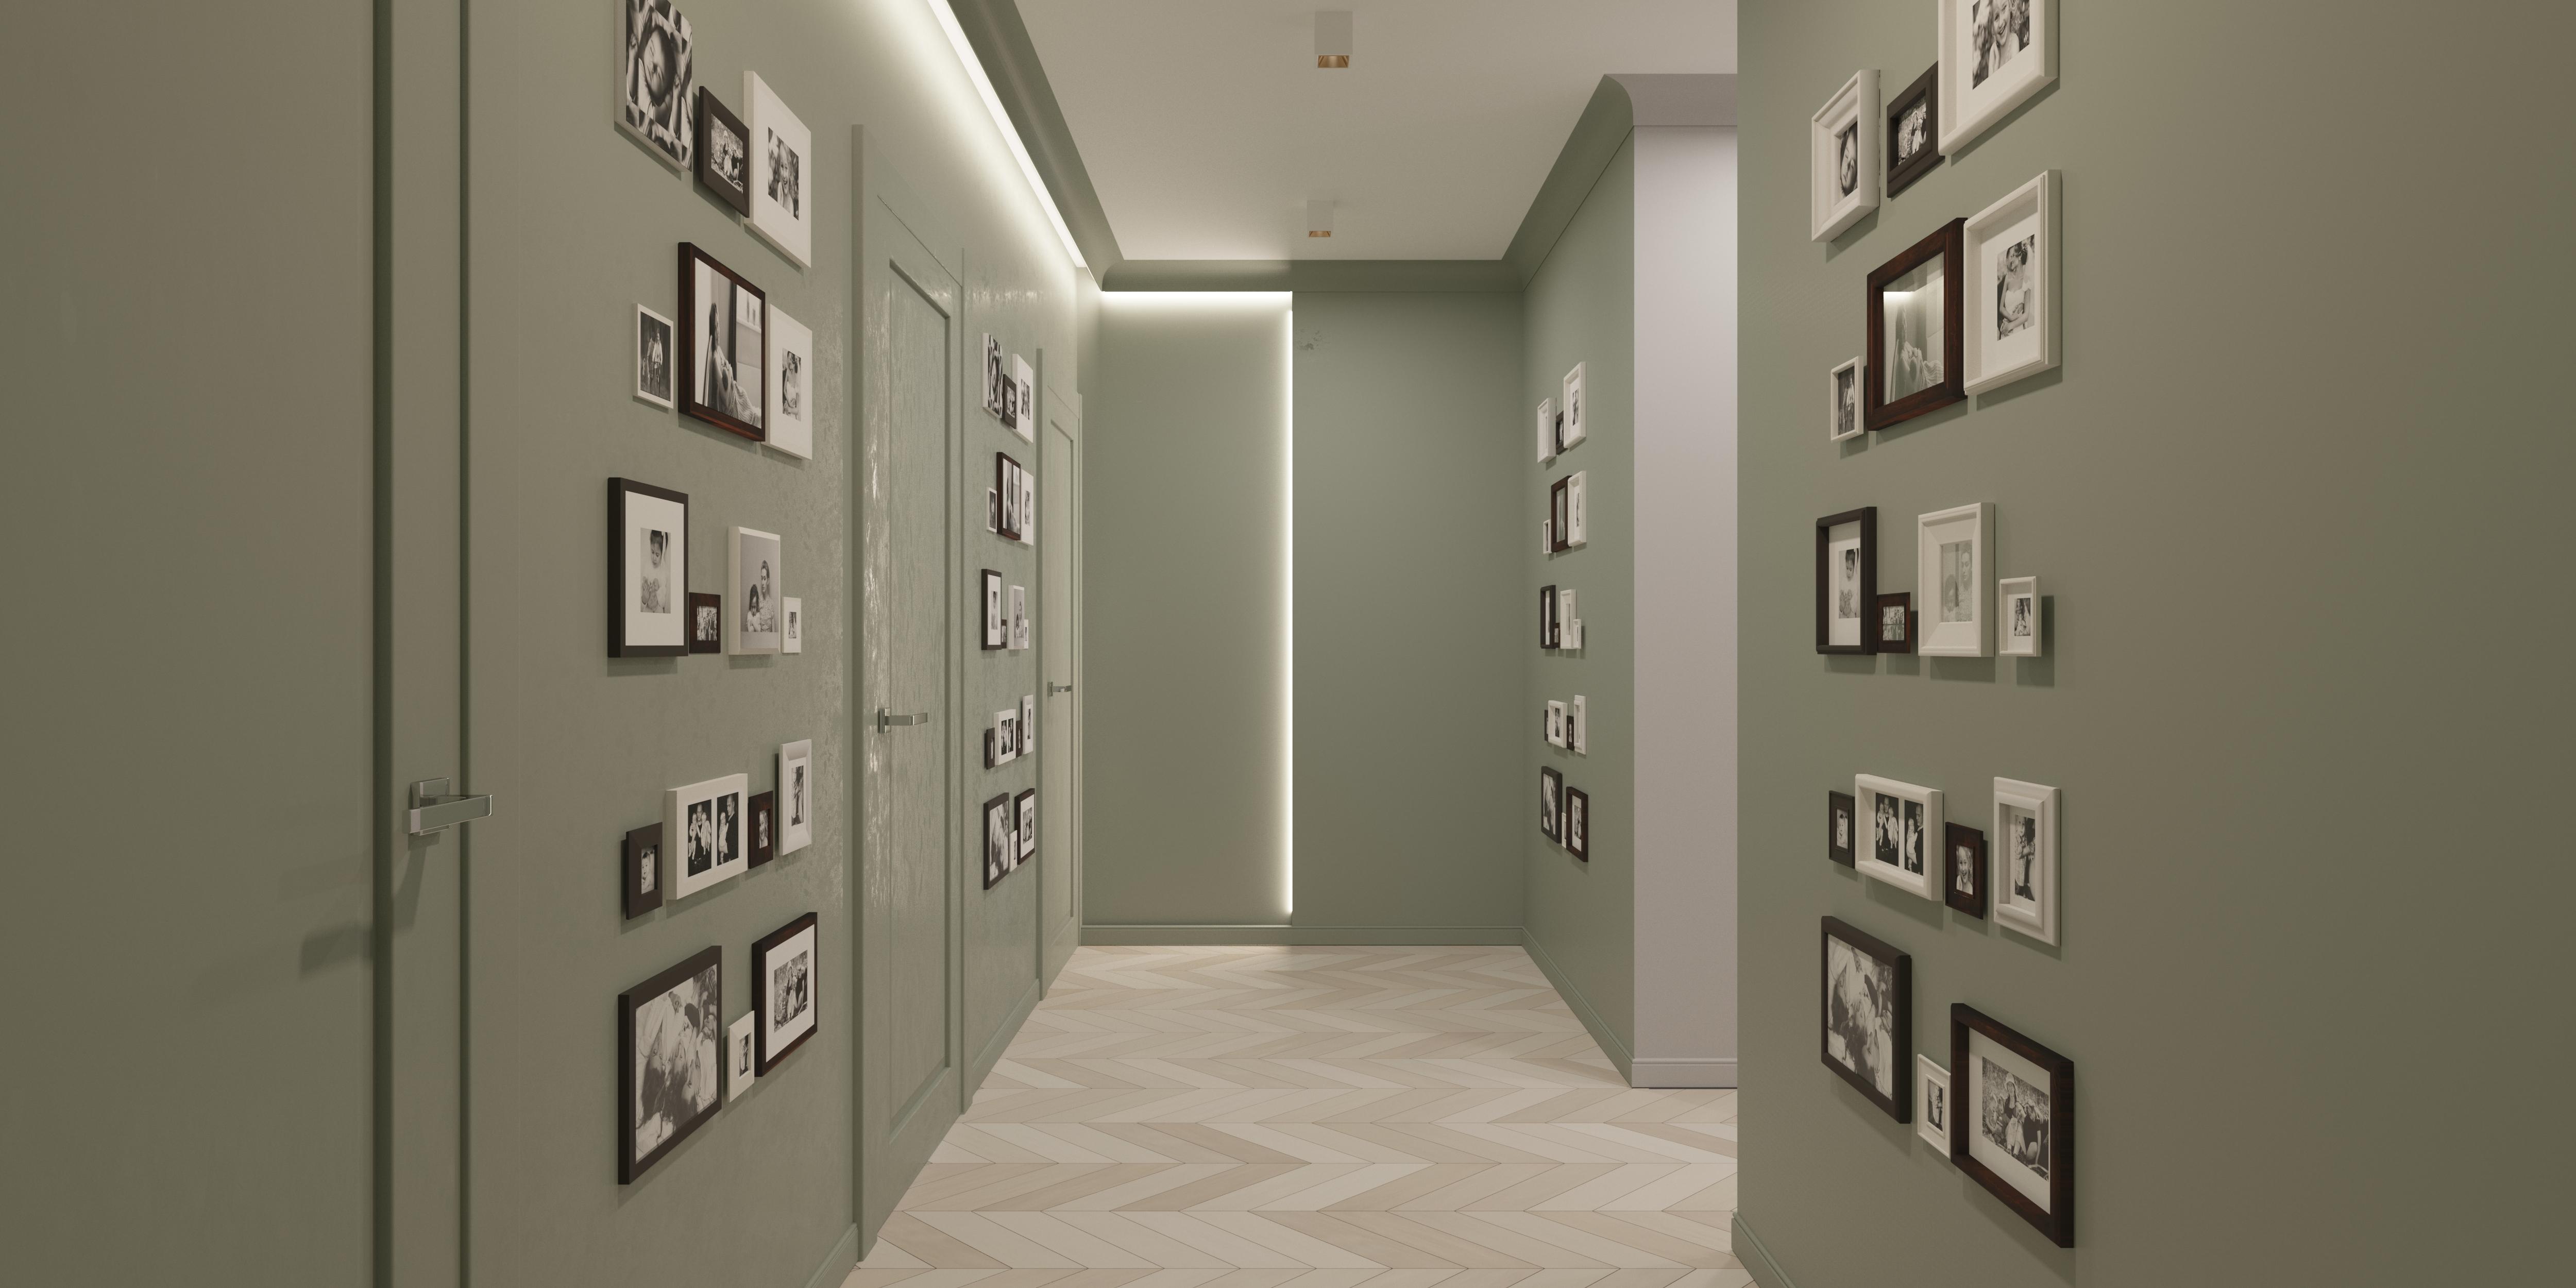 дизайн интерьера, дизайнер интерьера, дизайн интерьера уфа, дизайнер интерьера уфа, дизайн интерьера фото, студия дизайна интерьера, архитектурное бюро